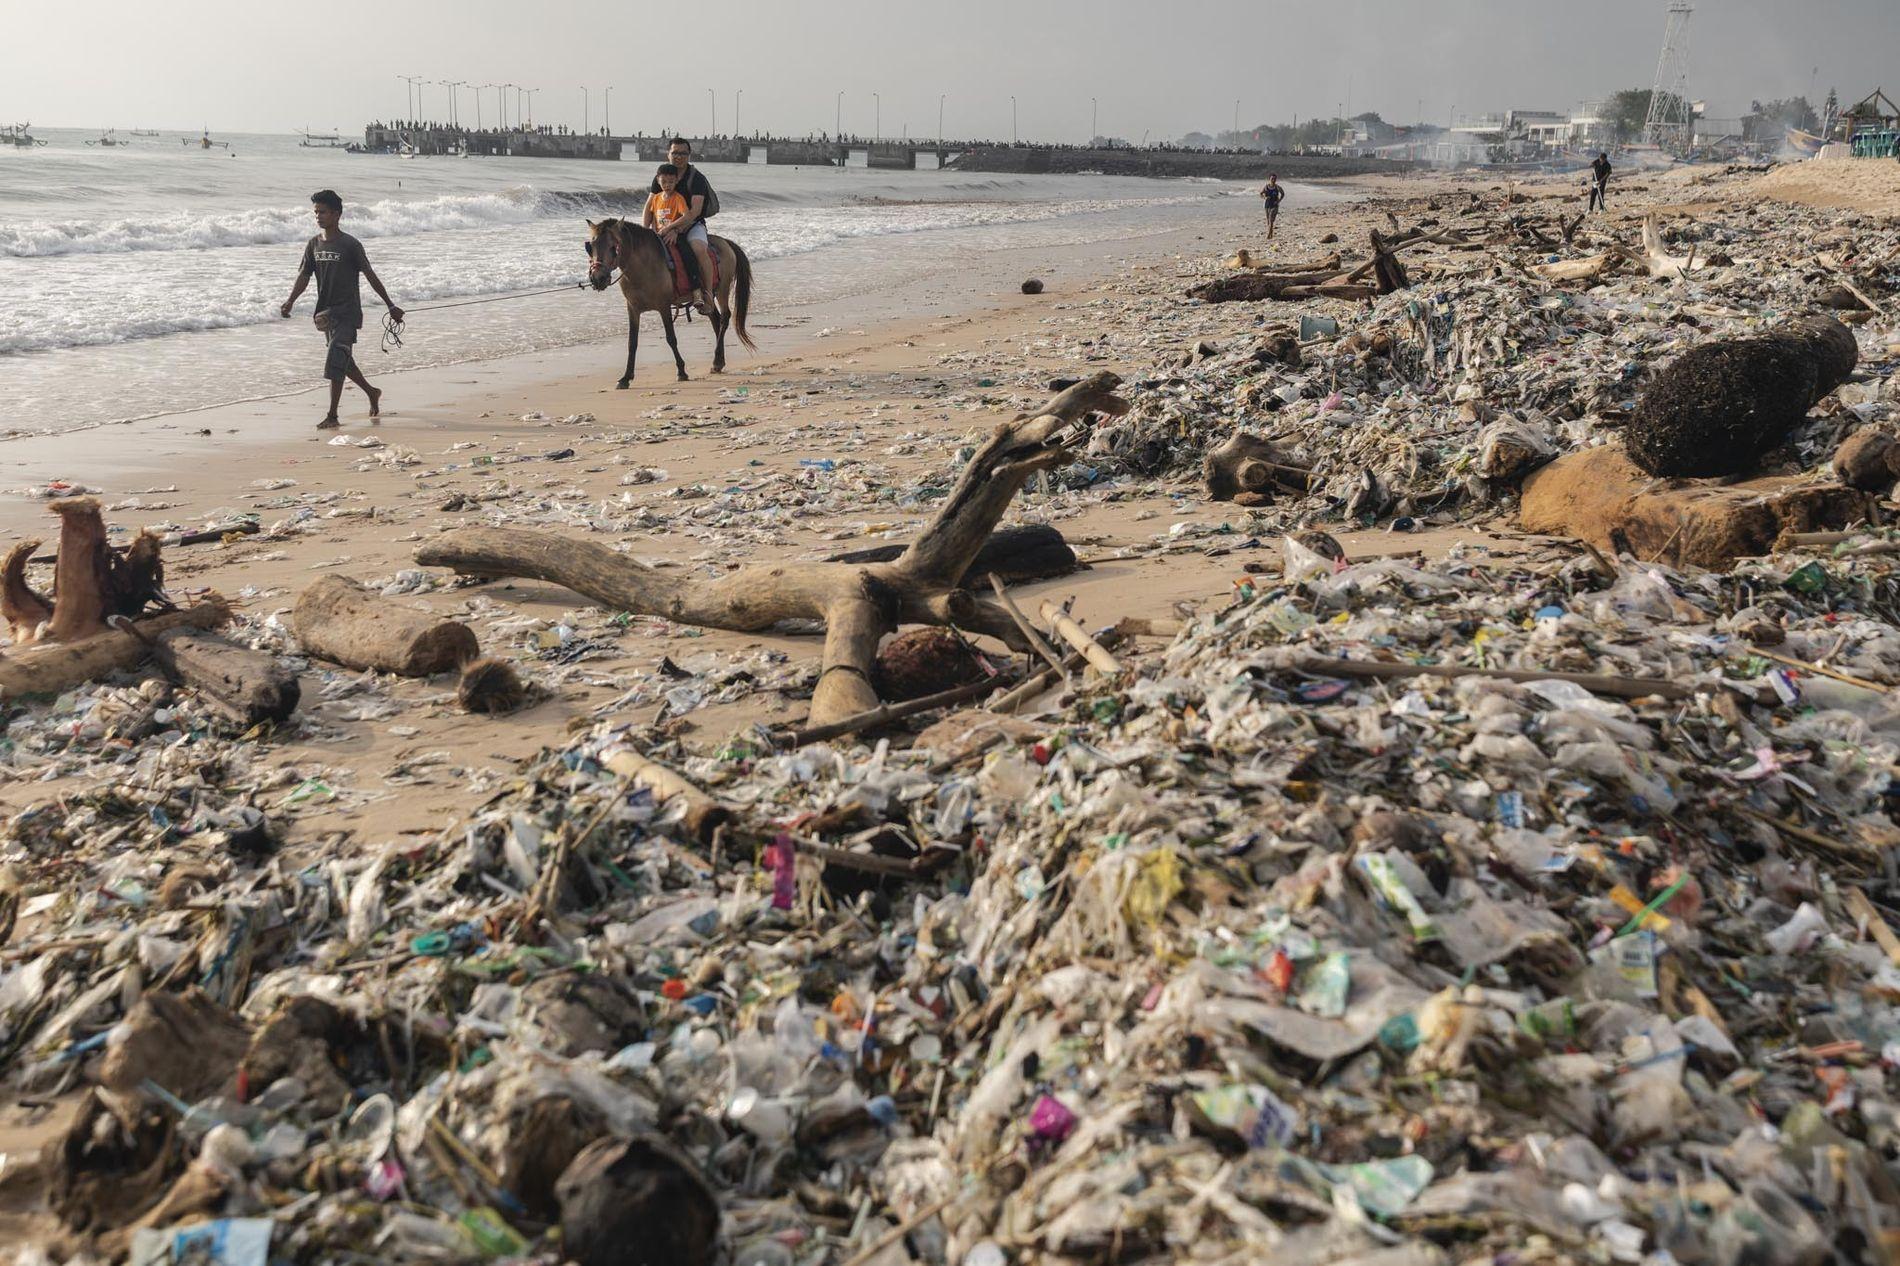 """Turistas pasean a caballo por la playa de Kedonganan, Bali, el 27 de enero de 2019. Todos los años, durante la temporada de lluvias, de noviembre a marzo, llegan toneladas de desperdicios hasta la orilla, por lo que la temporada recibe el apodo de """"temporada de basura""""."""